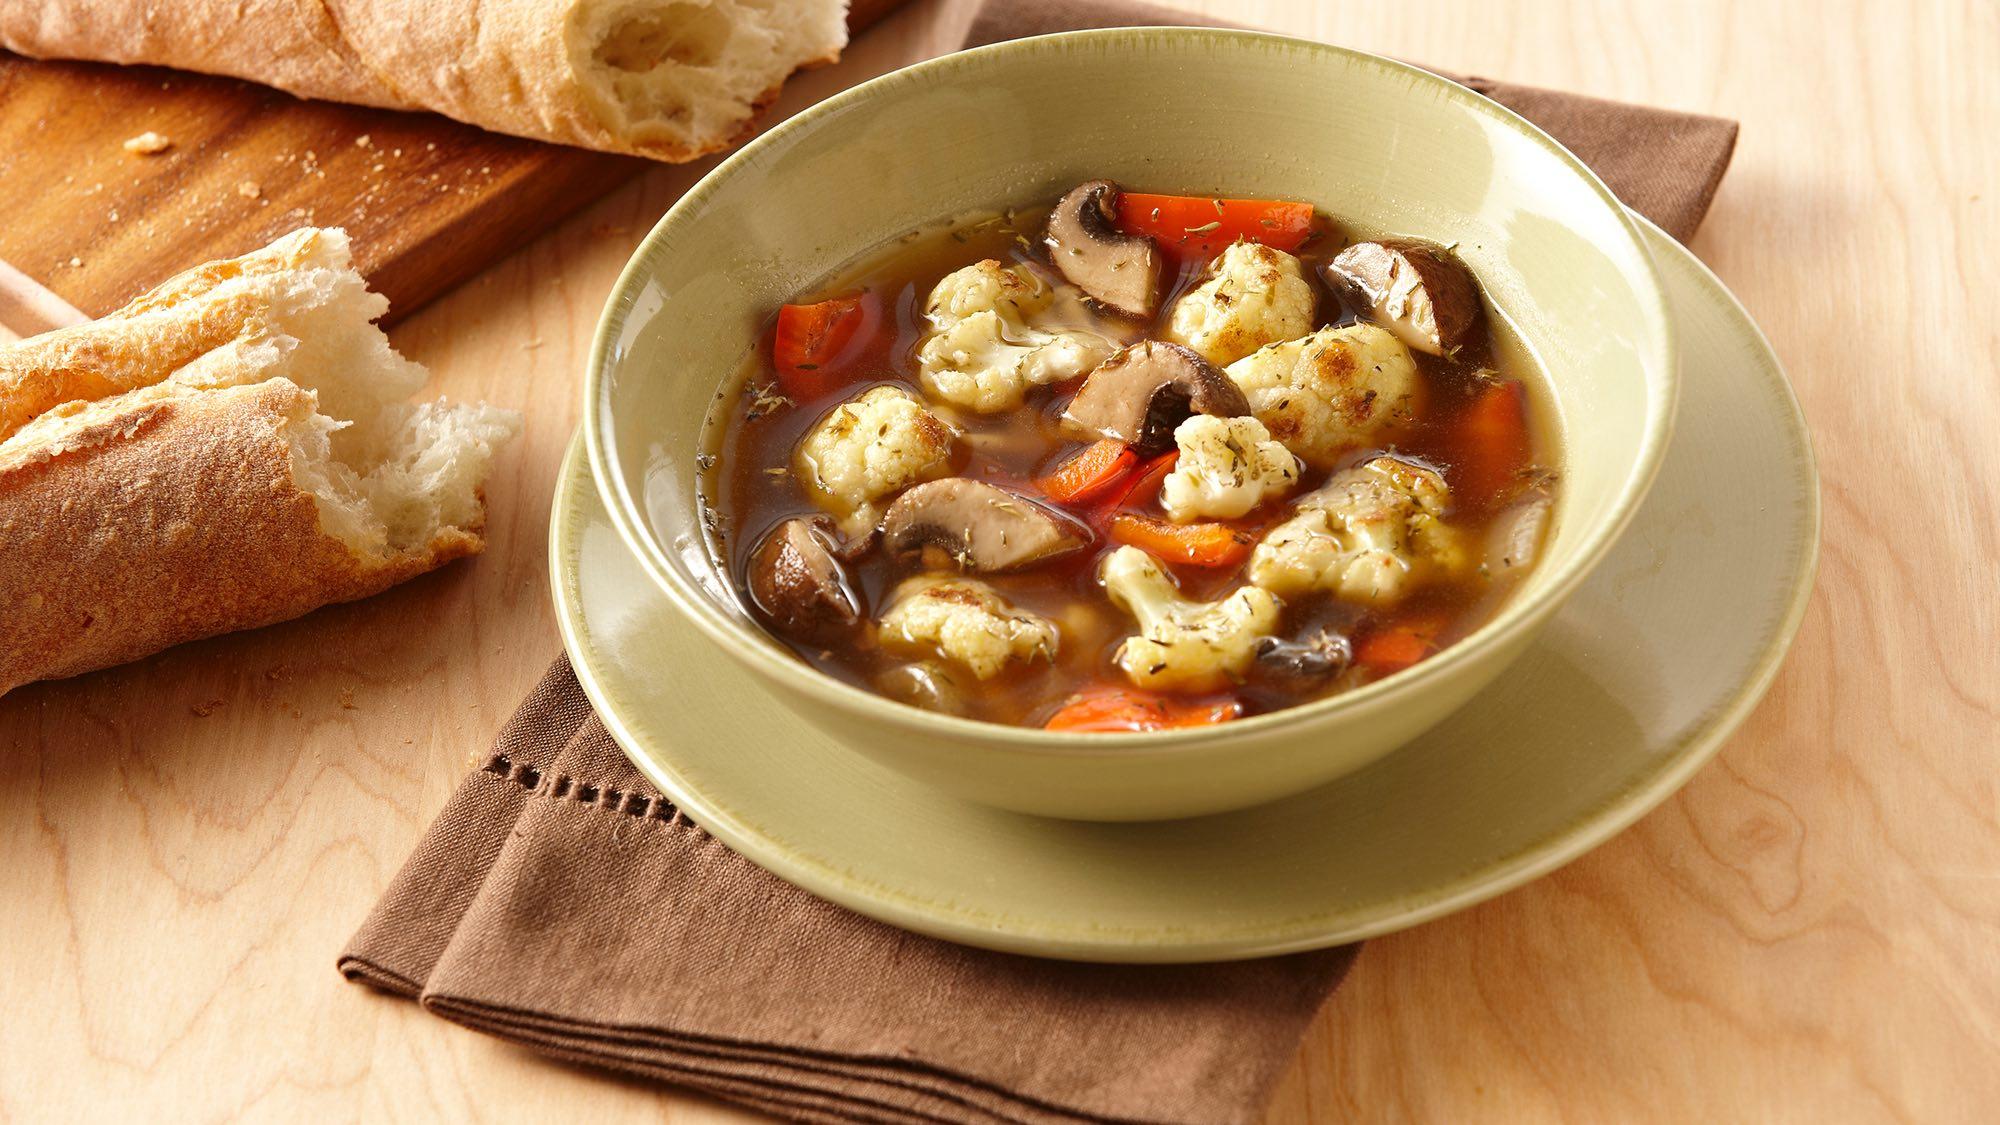 McCormick Roasted Cauliflower and Mushroom Soup